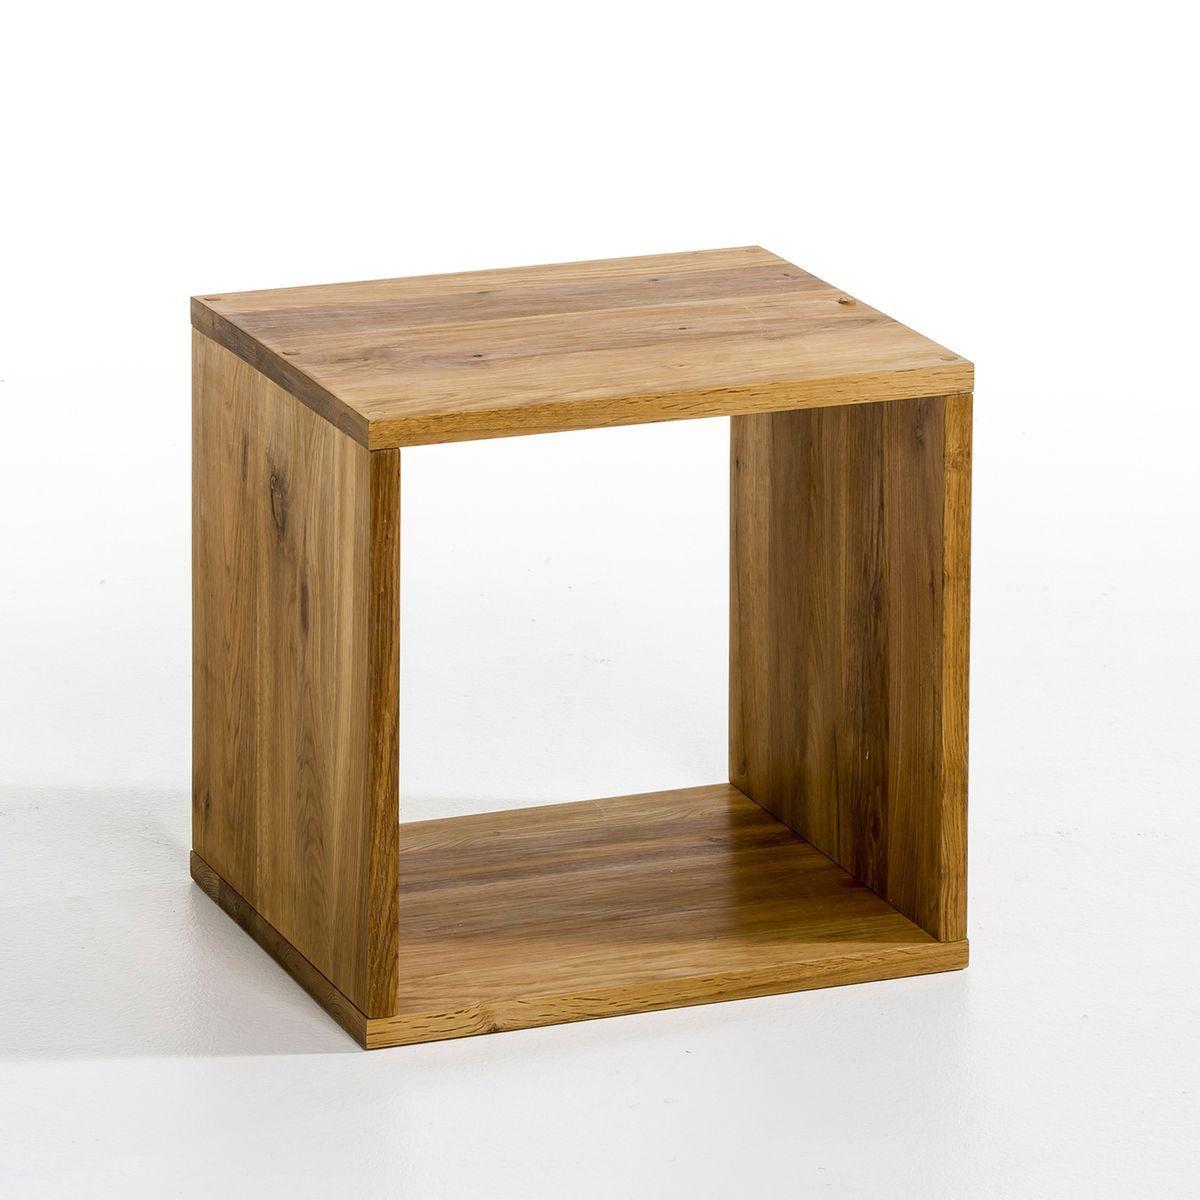 Cube de rangement chêne Box, 2 modèles | Cube rangement, Cube de rangement bois, Etagere cube bois